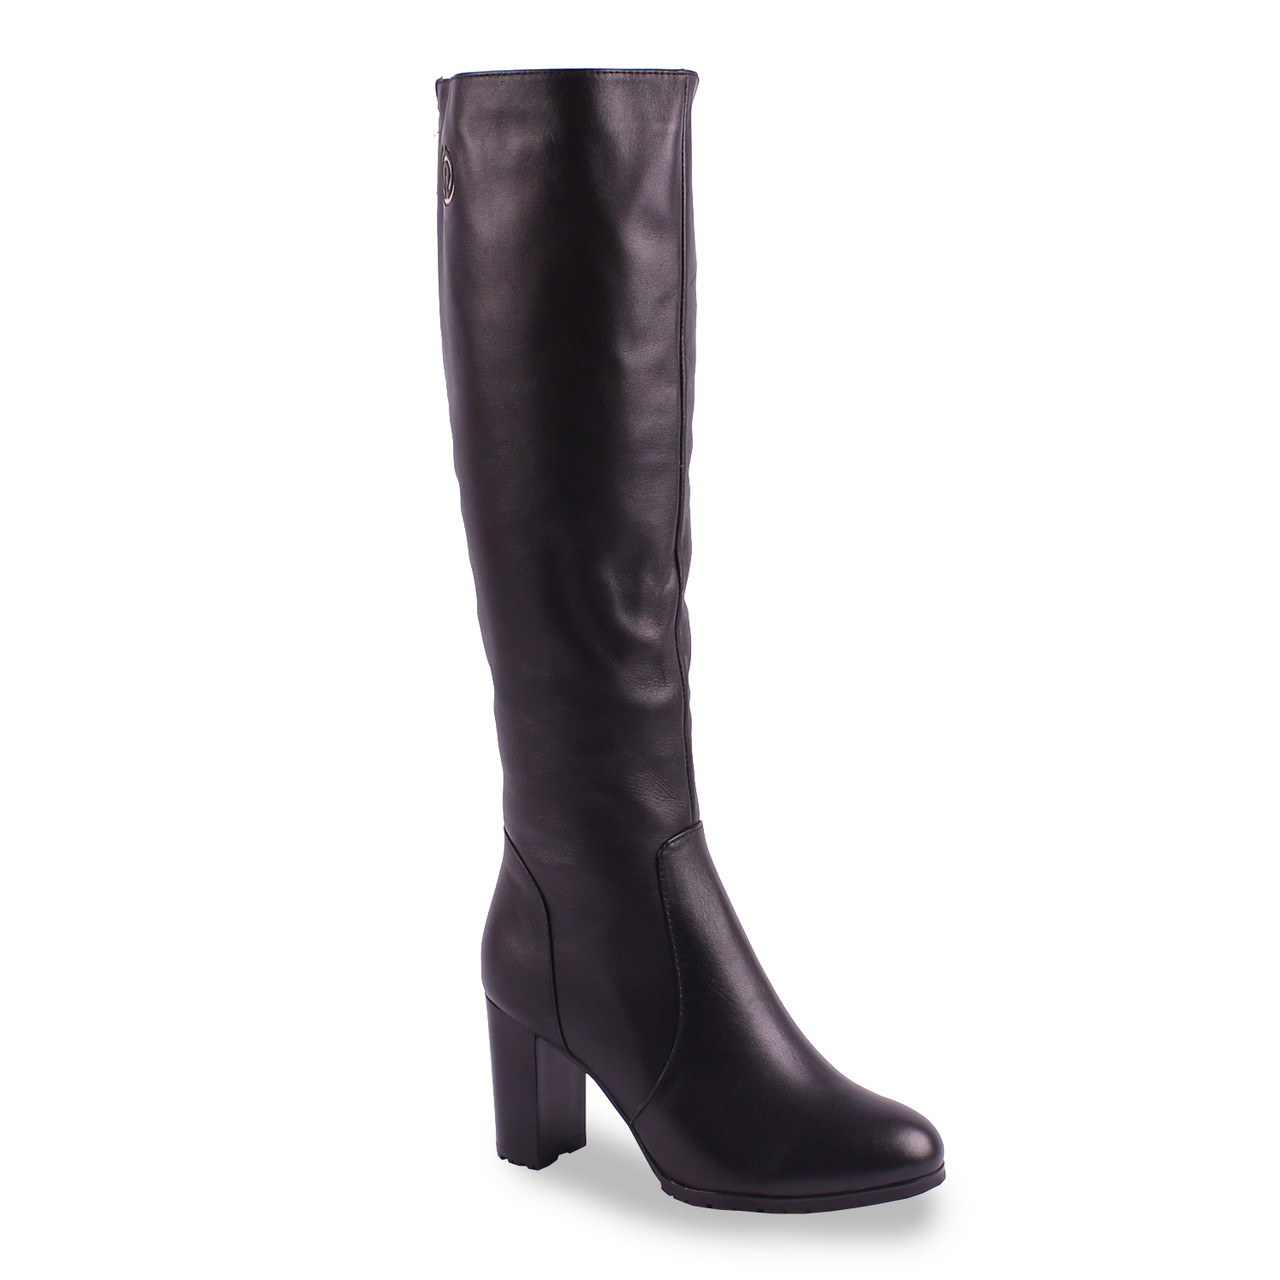 Стильные женские сапоги Phenddi (кожаные, зимние, на каблуке, на замке, теплые, черные, Фенди)